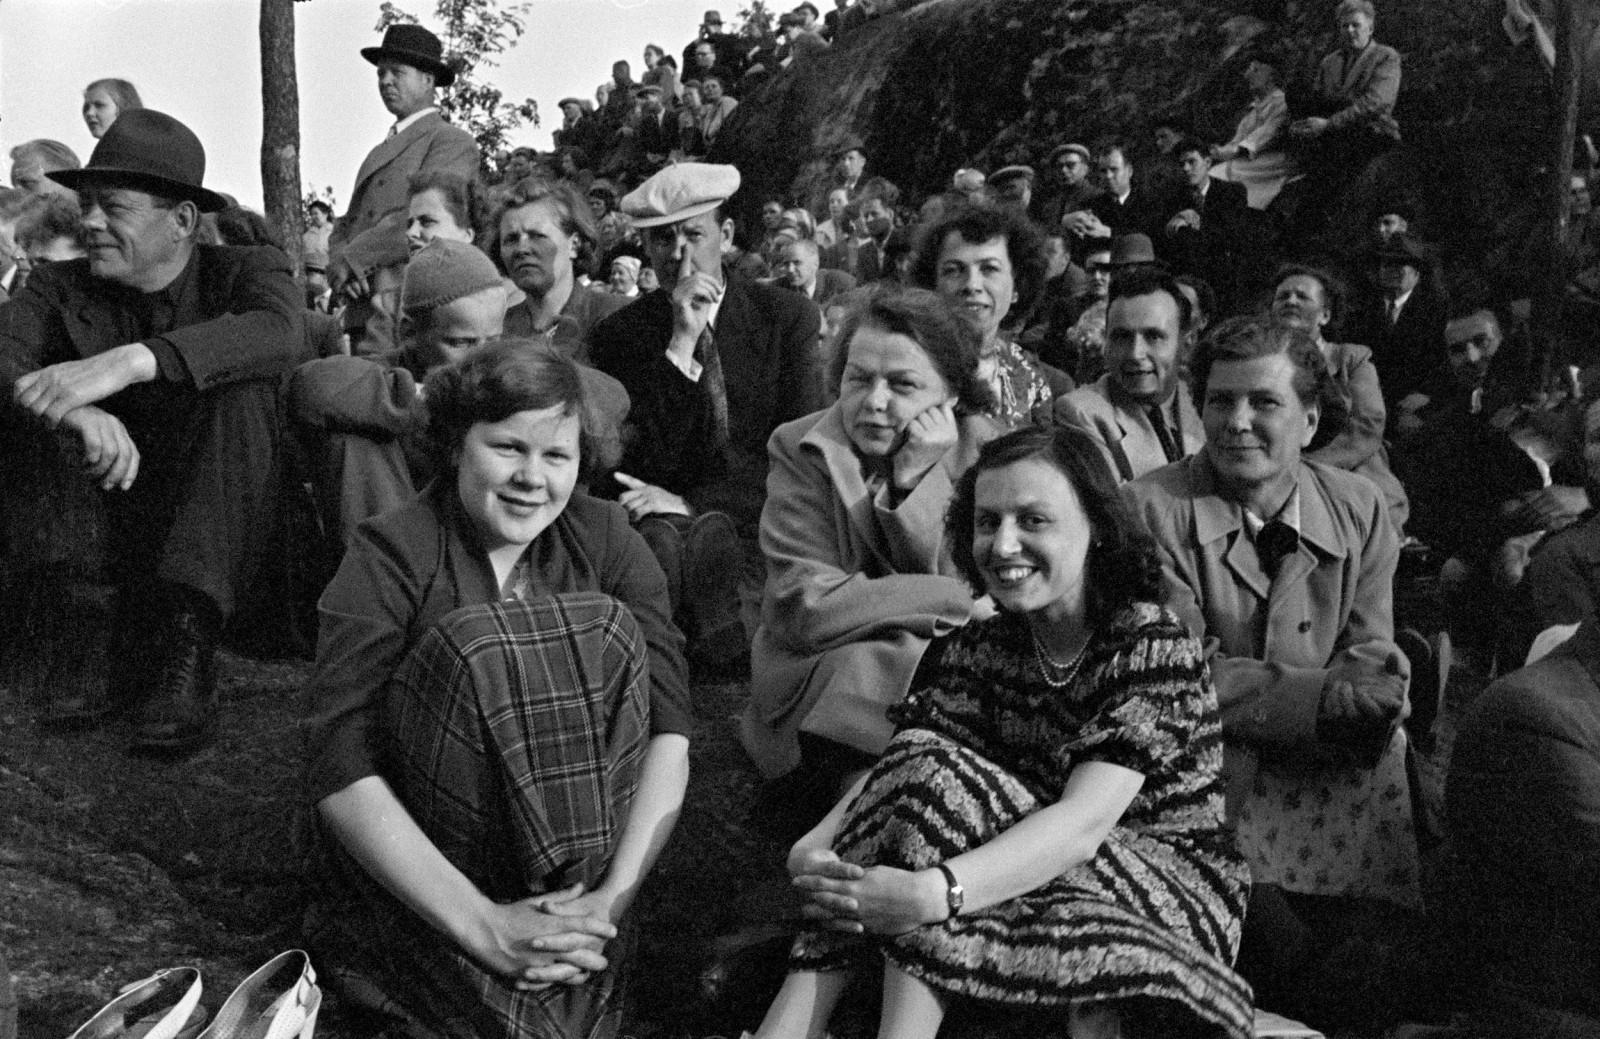 Yleisöä Alppilavalla. Kuva: Väinö Kannisto 1951.